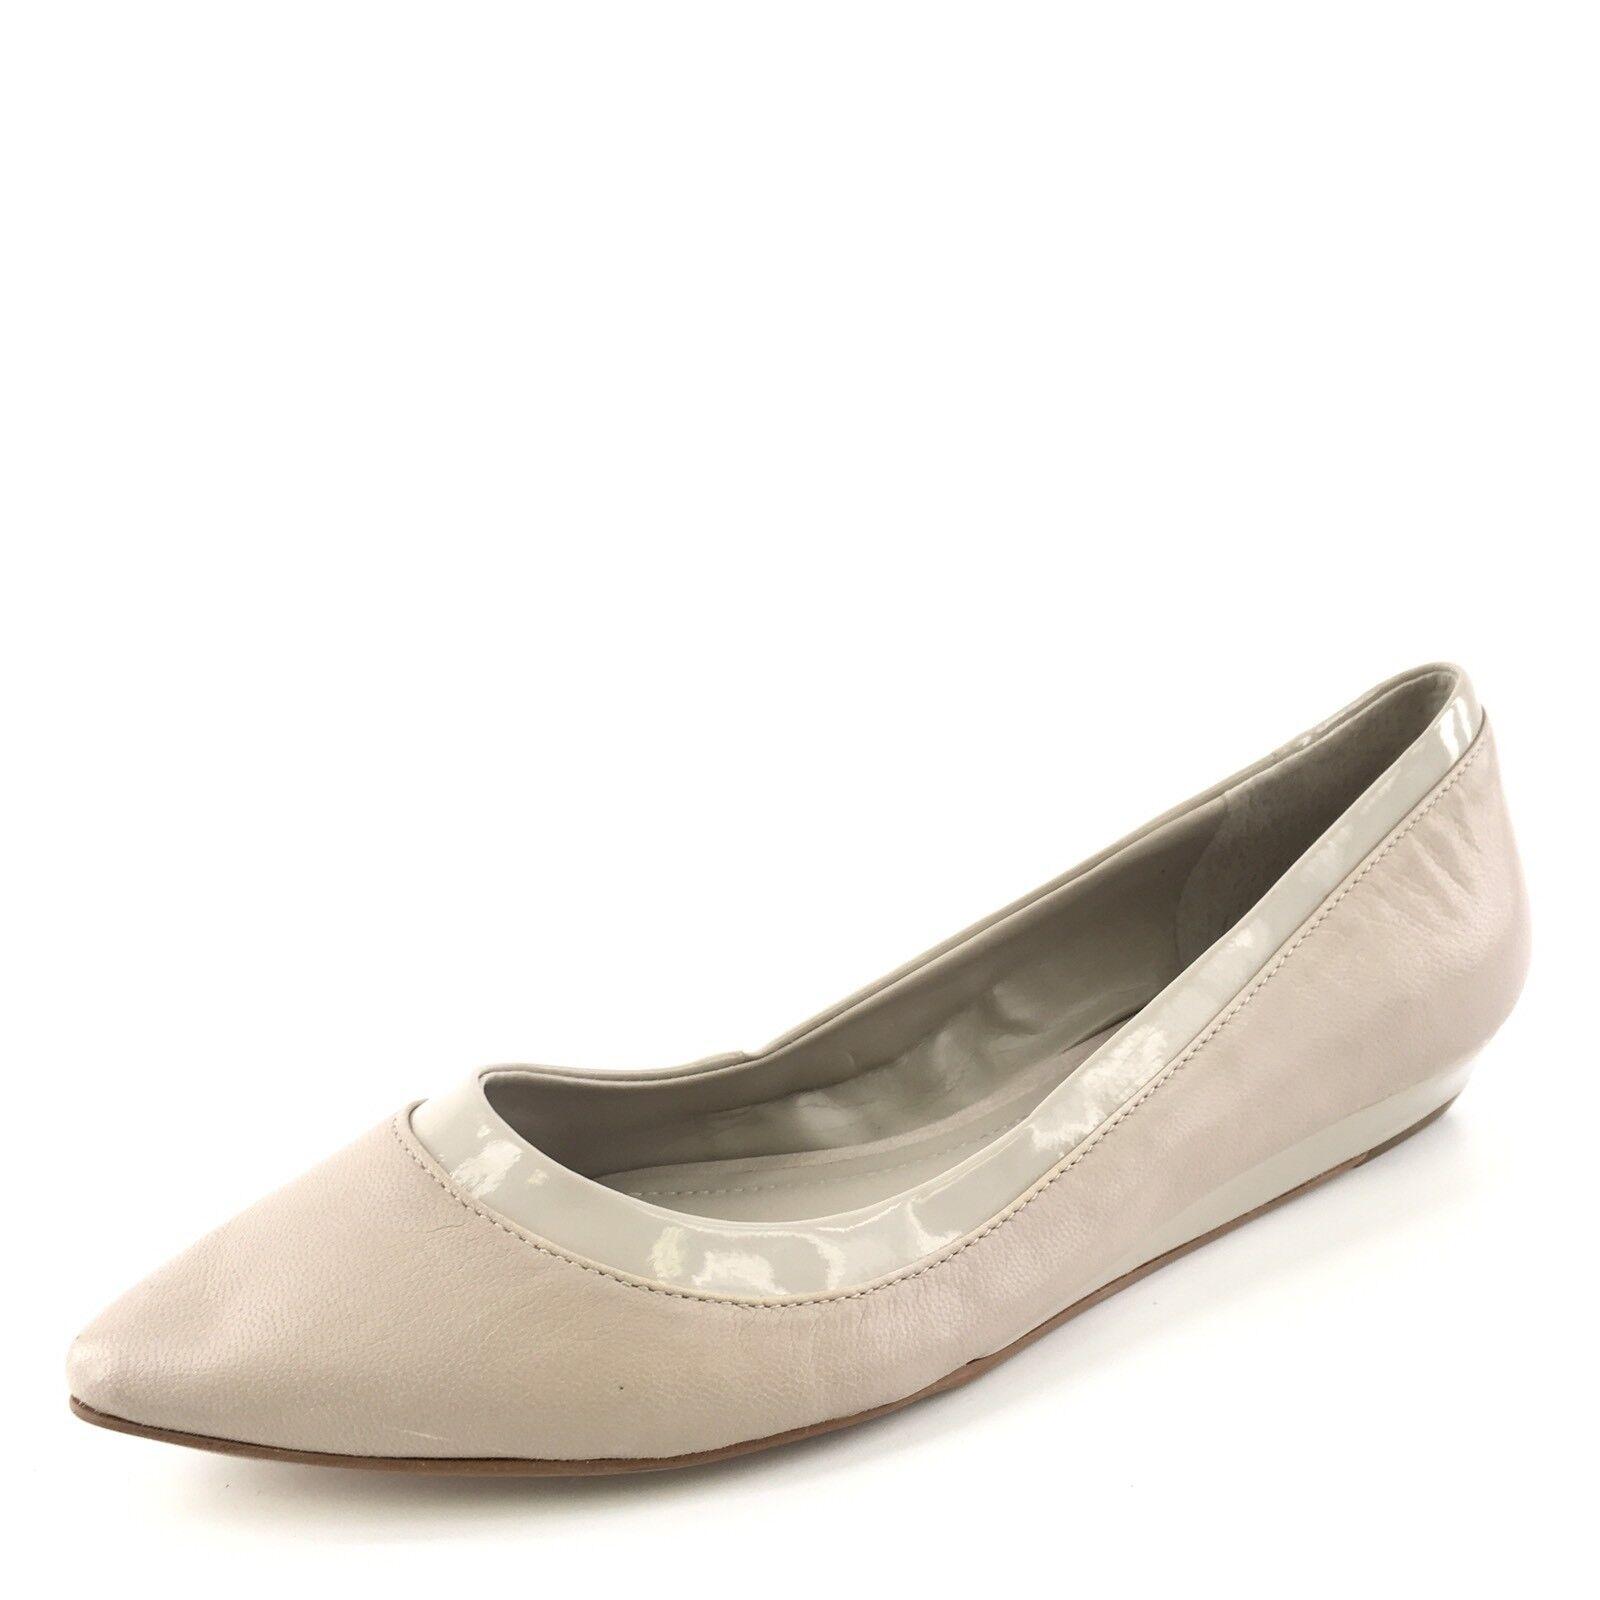 BCBGeneration Alonsa Cashmere Leder Pointy Toe Flats Damenschuhe Größe 9.5 M